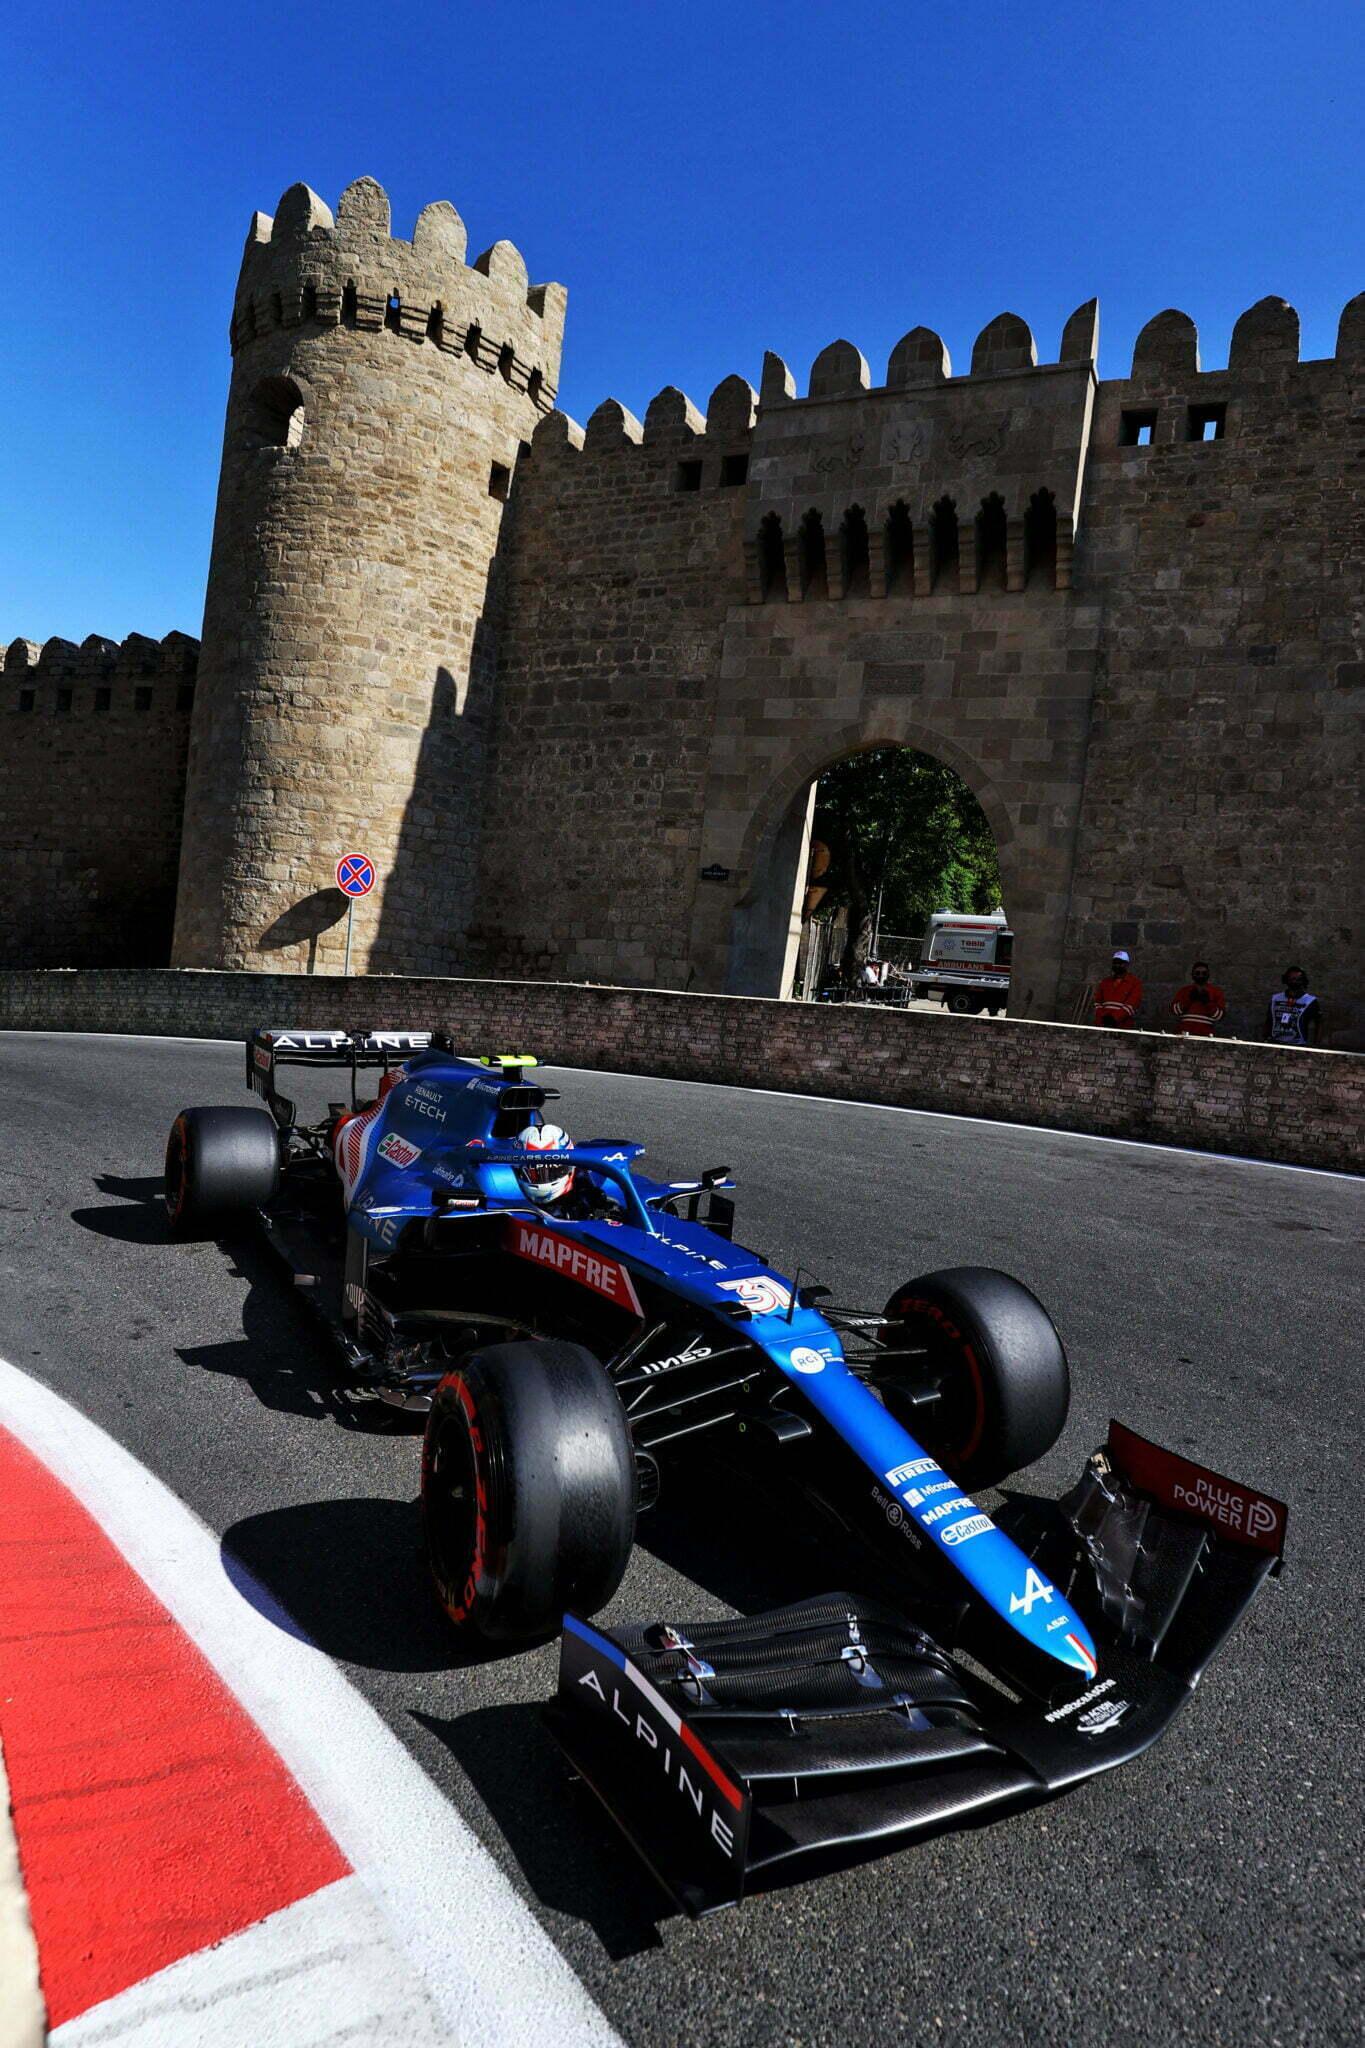 Alpine F1 Azebaijan Grand Prix Baku Alonso Ocon 2021 21   Alonso offre huit précieux points à Alpine F1 Team sur l'épreuve de Bakou